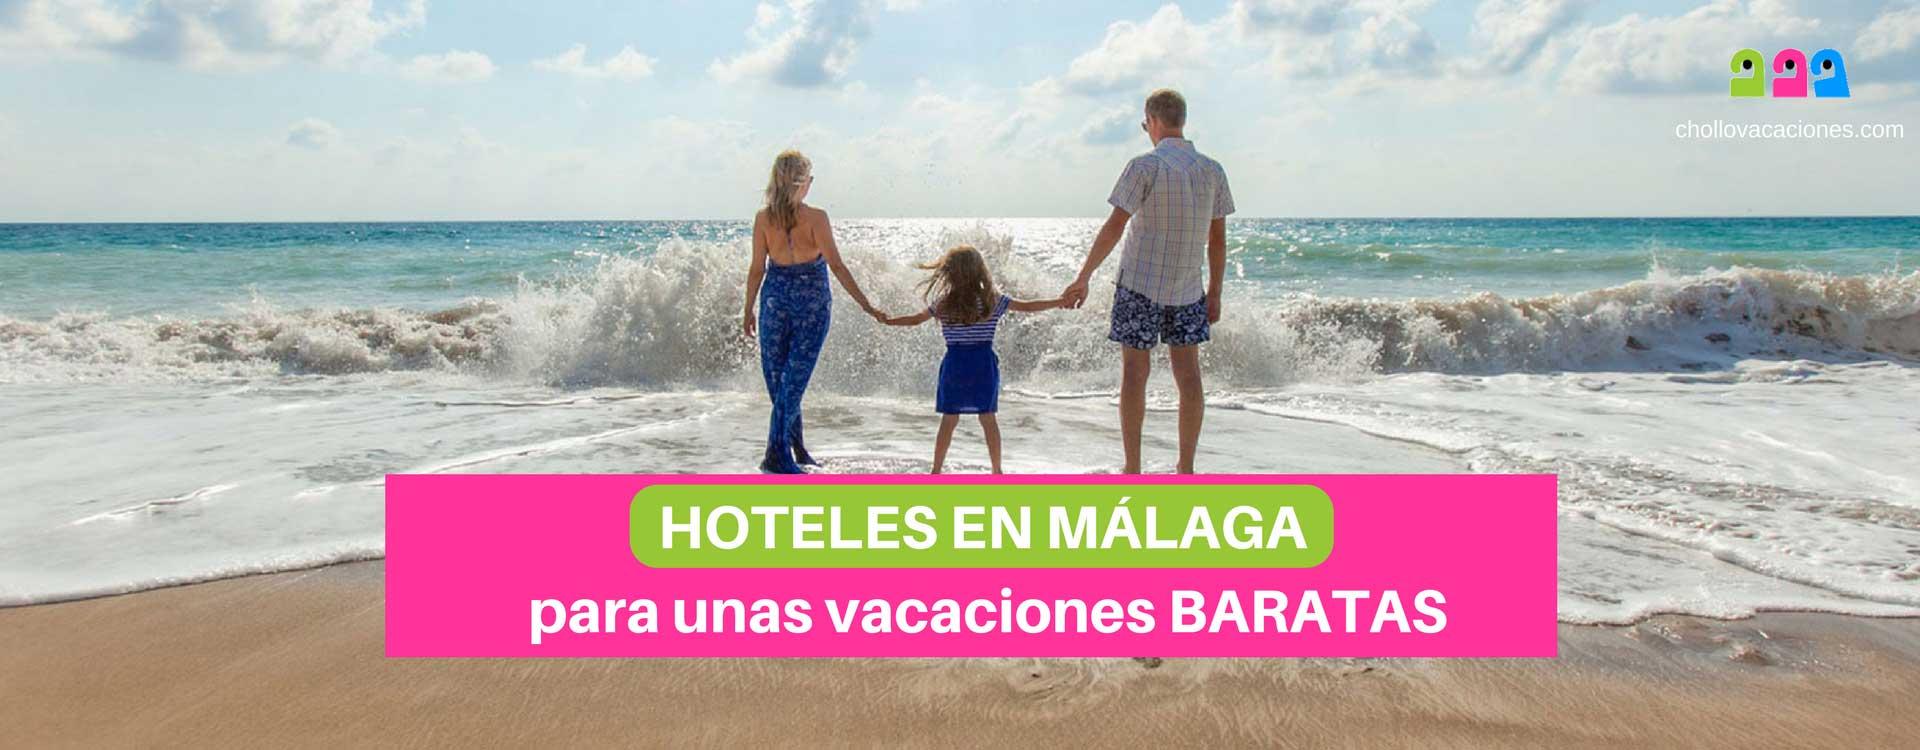 Hoteles en Málaga para unas buenas vacaciones baratas